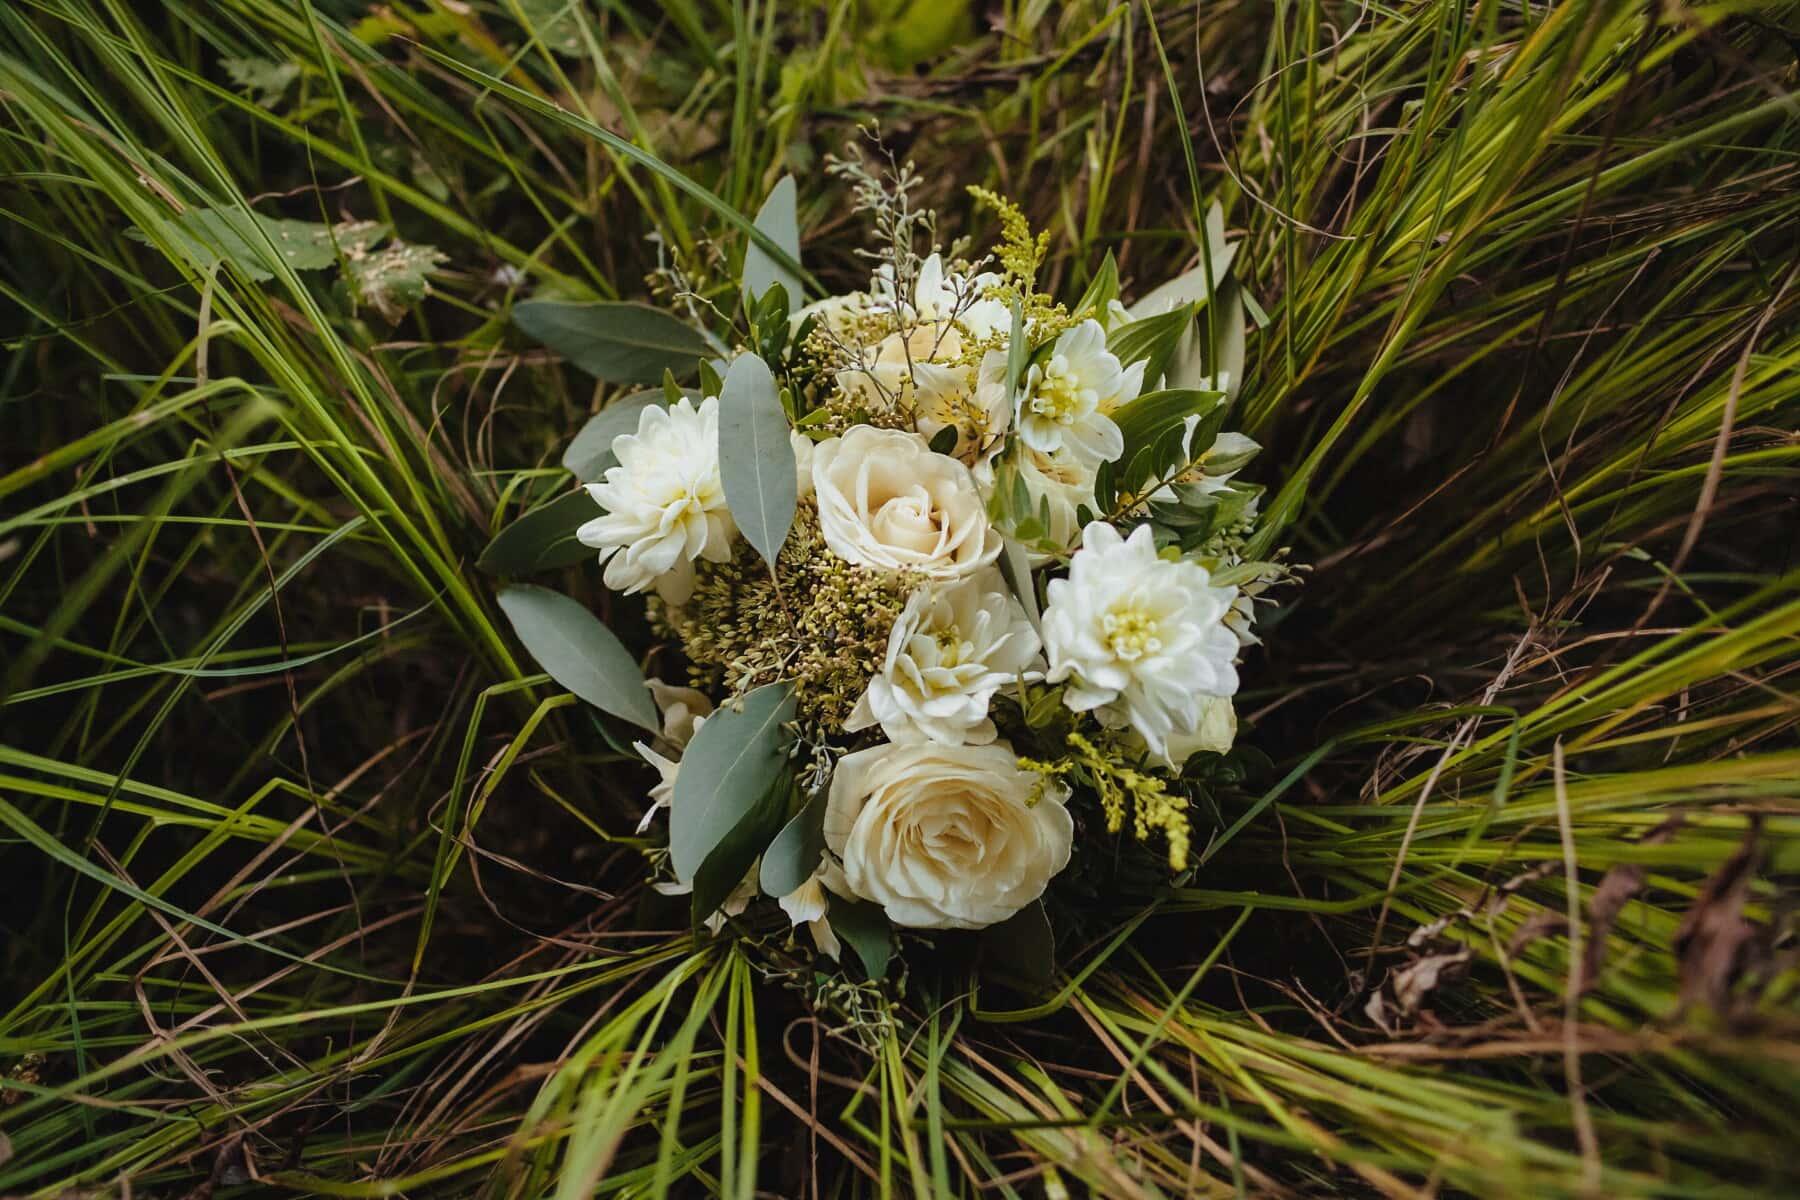 zelená tráva, trávnaté, Kytica, kvety, jar, bylina, kvet, rastlín, kvet, príroda